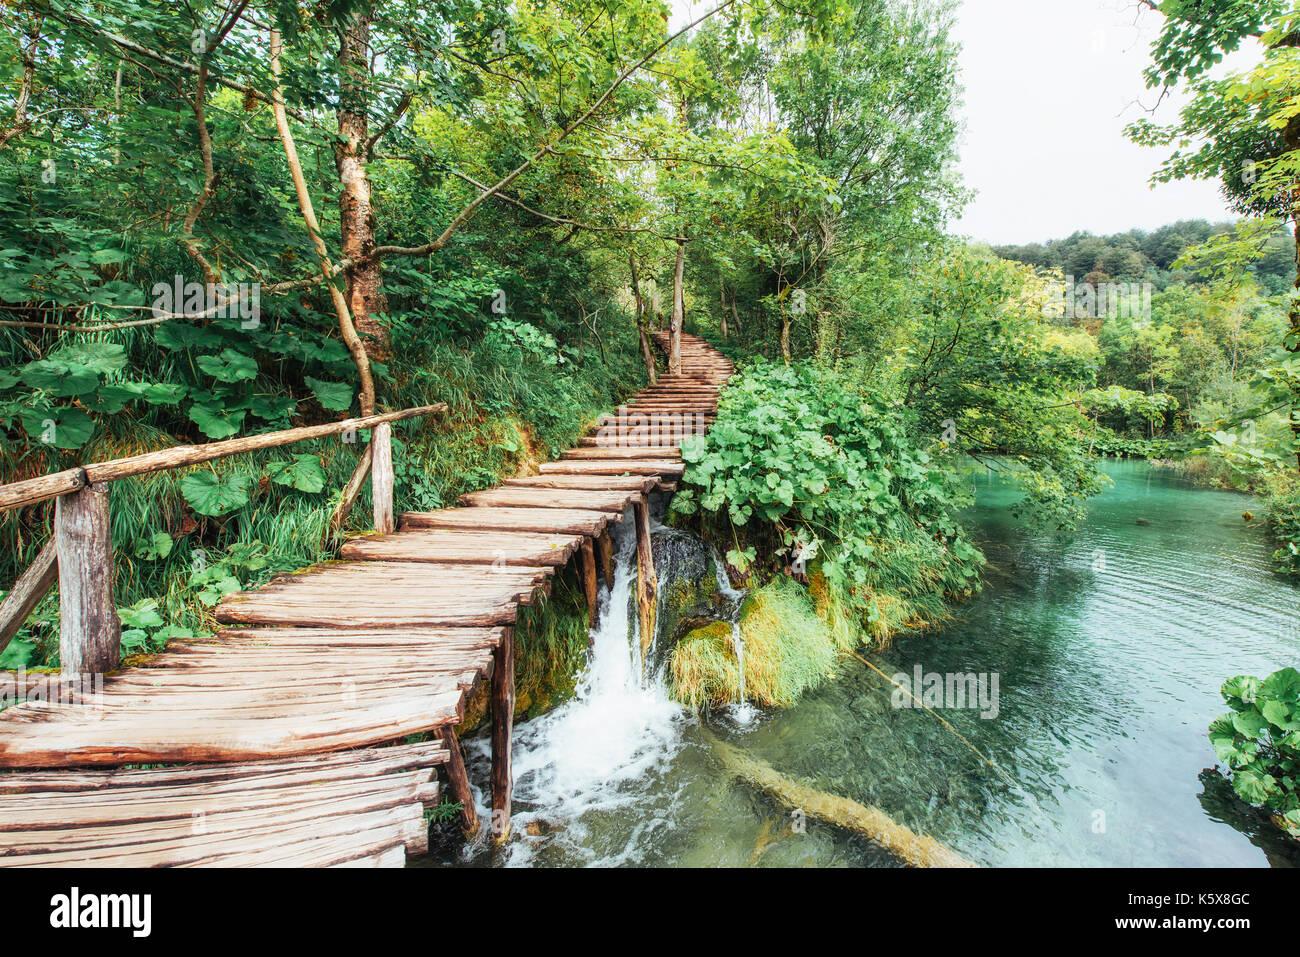 Hermosa cascada en verano verde bosque. Imagen De Stock